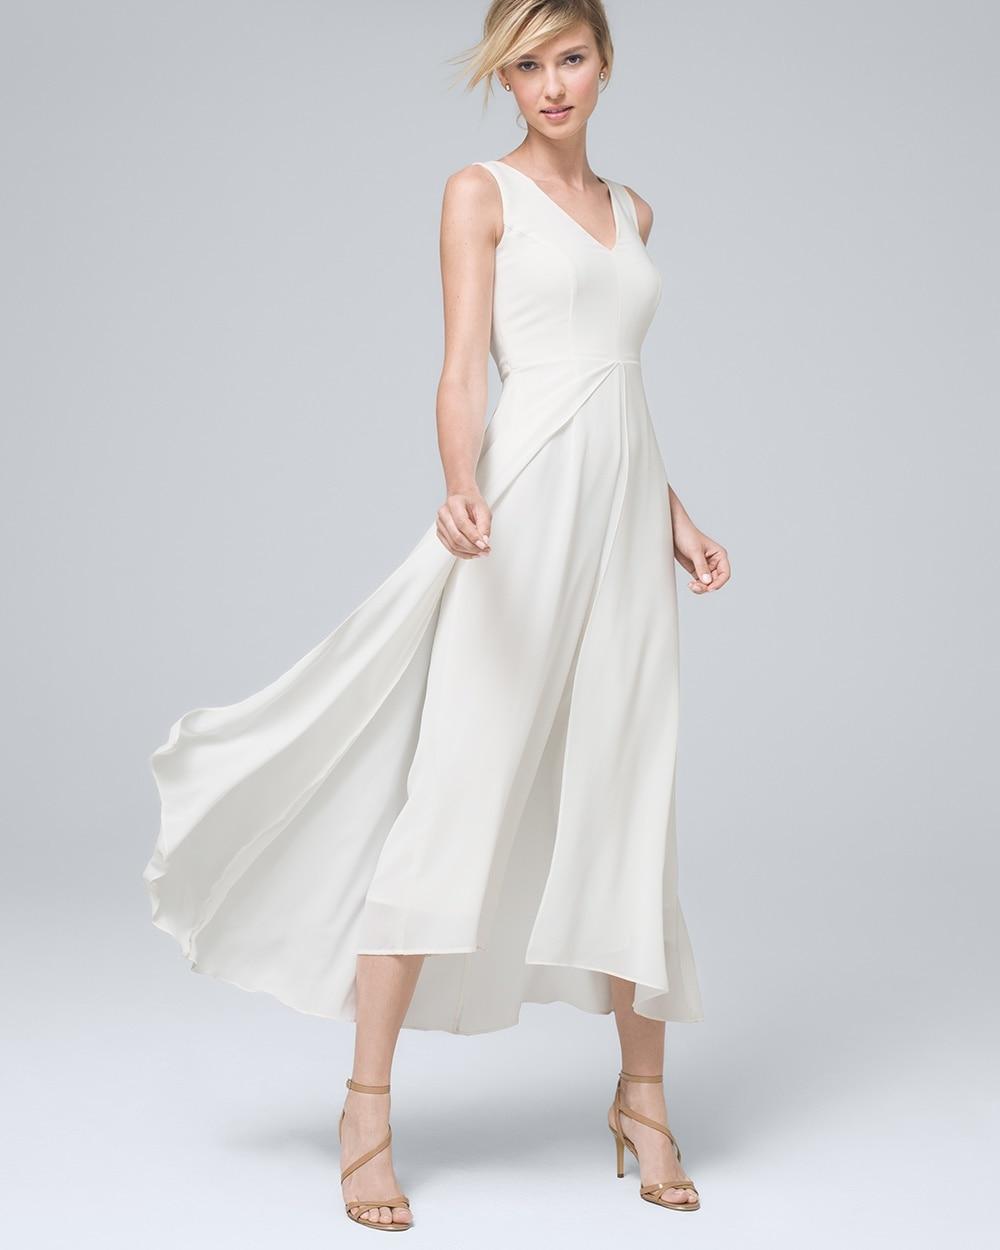 f3eaeb366bfc Sleeveless Overlay Jumpsuit - White House Black Market